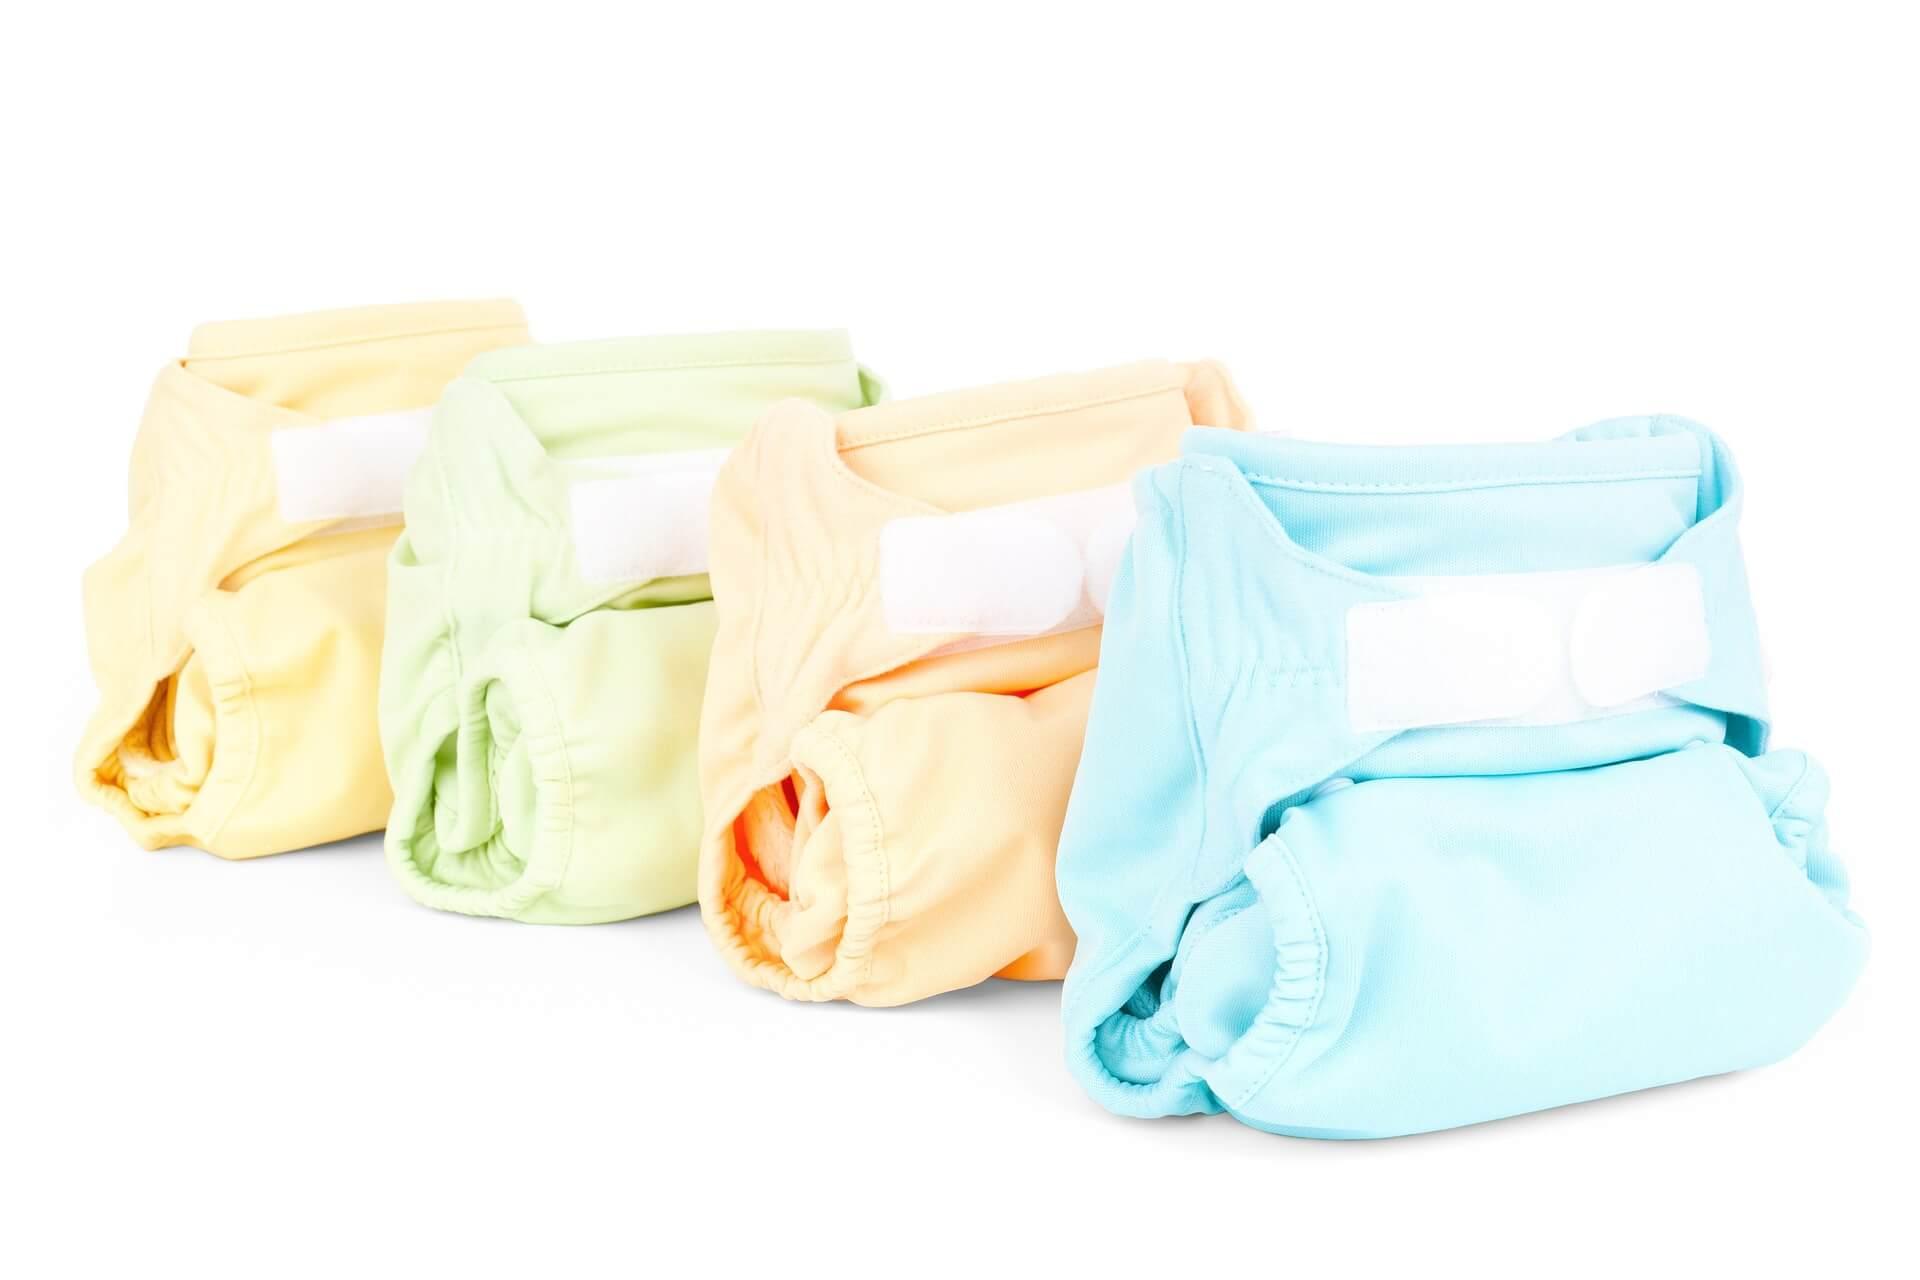 おむつなし育児:新生児の排泄サインと保育園での実践